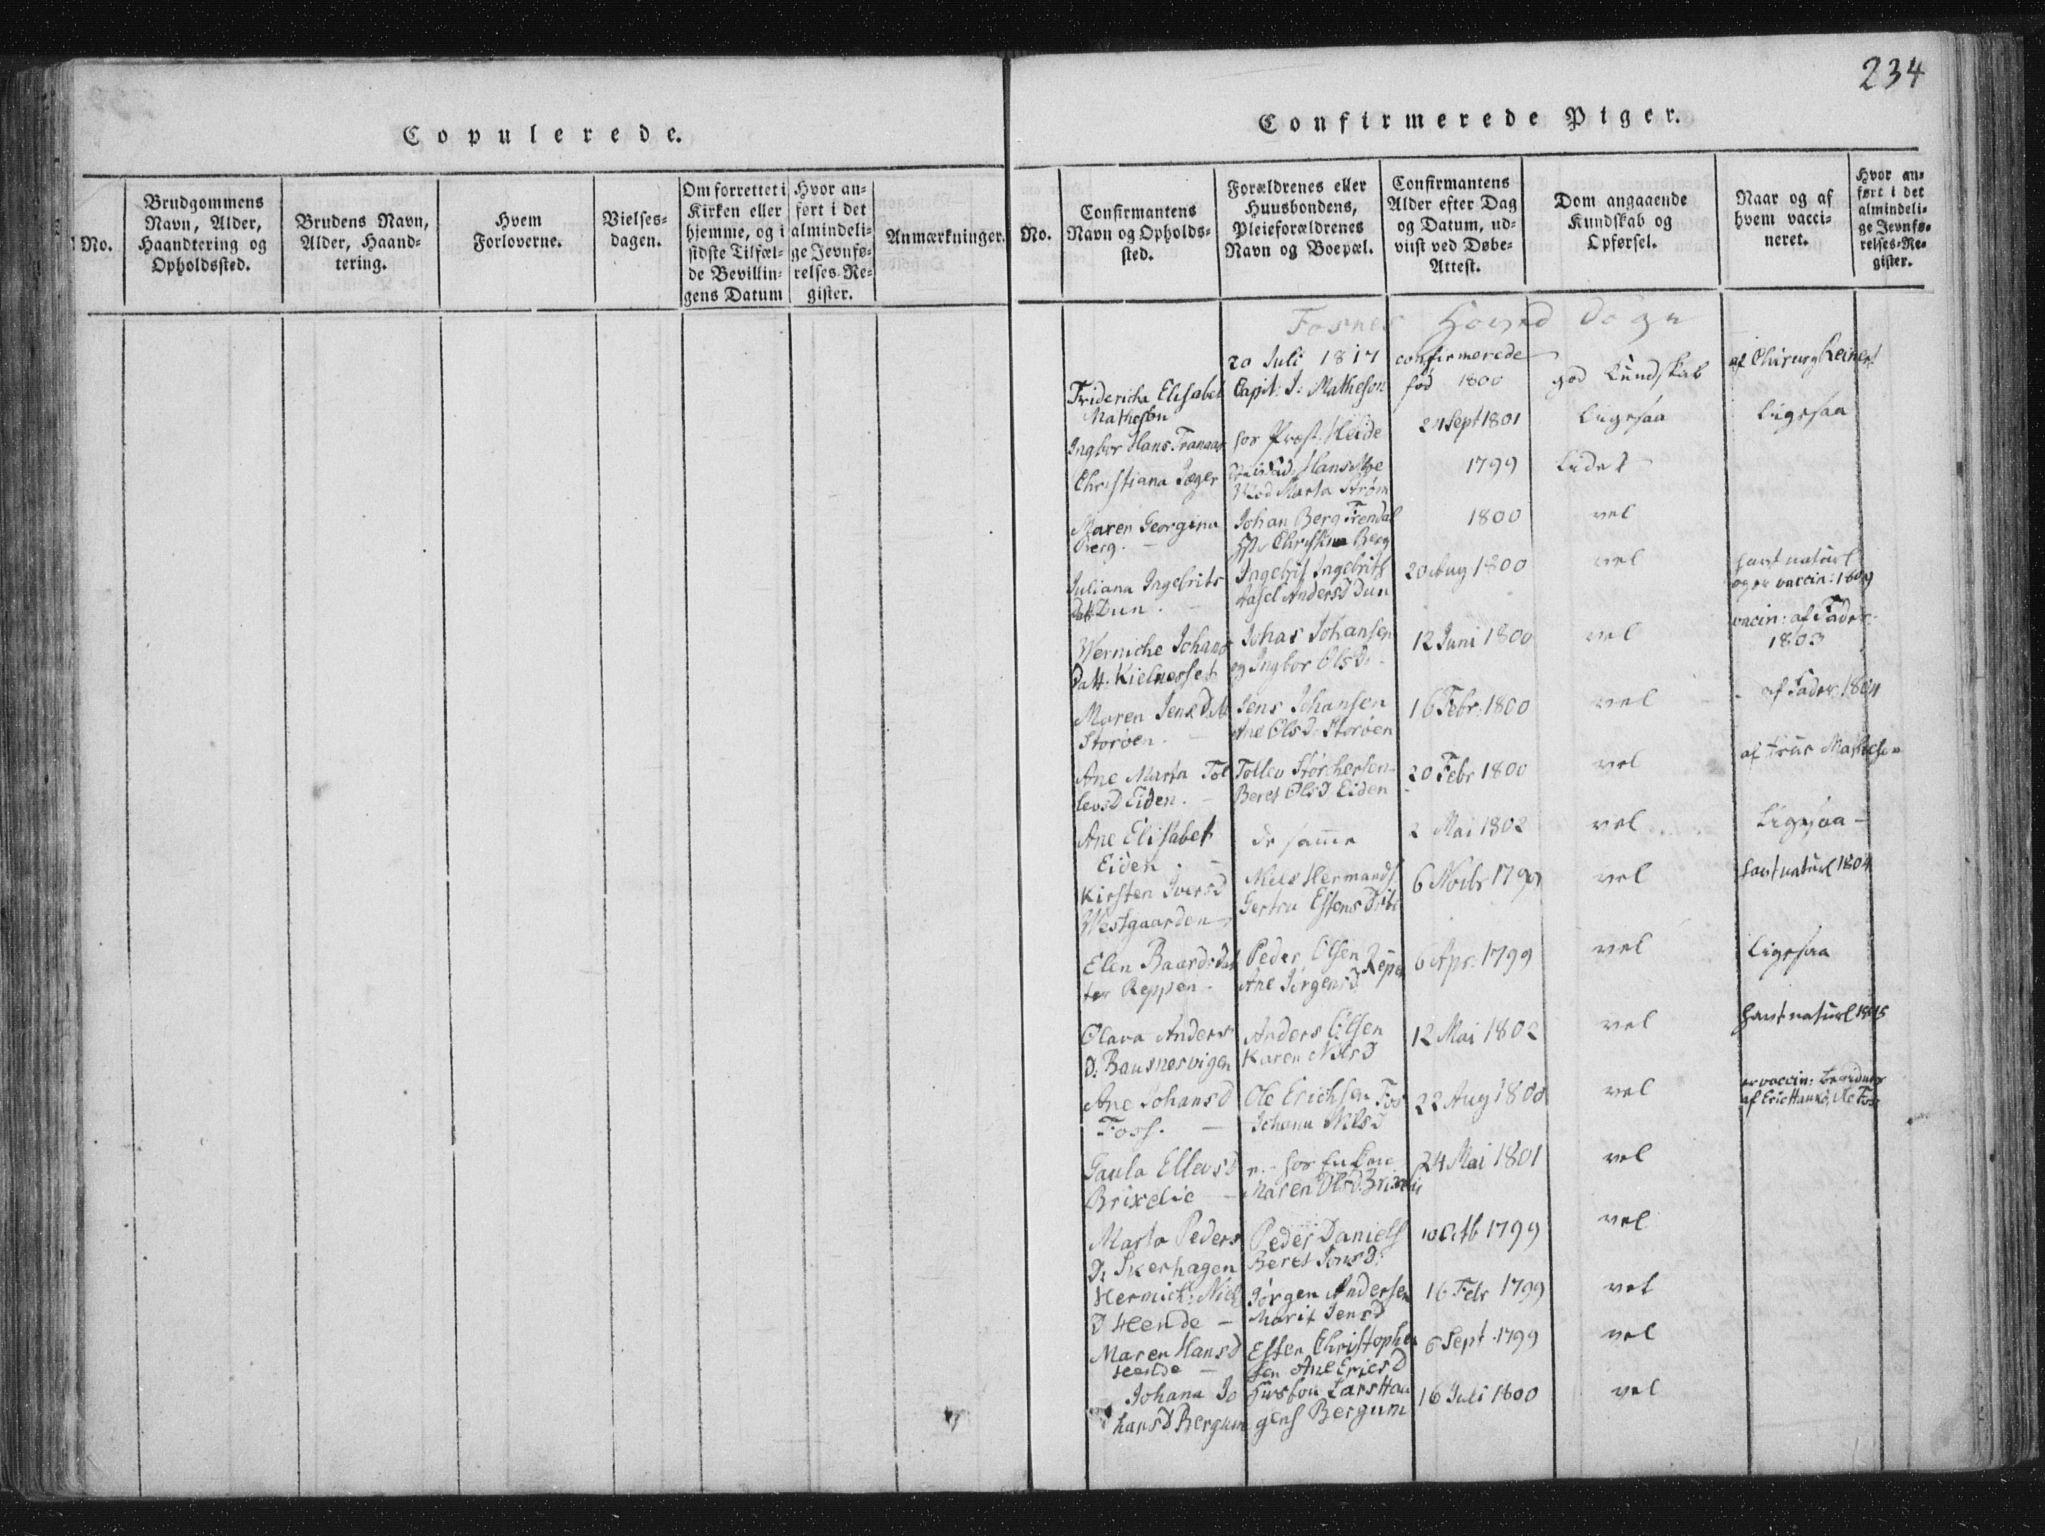 SAT, Ministerialprotokoller, klokkerbøker og fødselsregistre - Nord-Trøndelag, 773/L0609: Ministerialbok nr. 773A03 /1, 1815-1830, s. 234